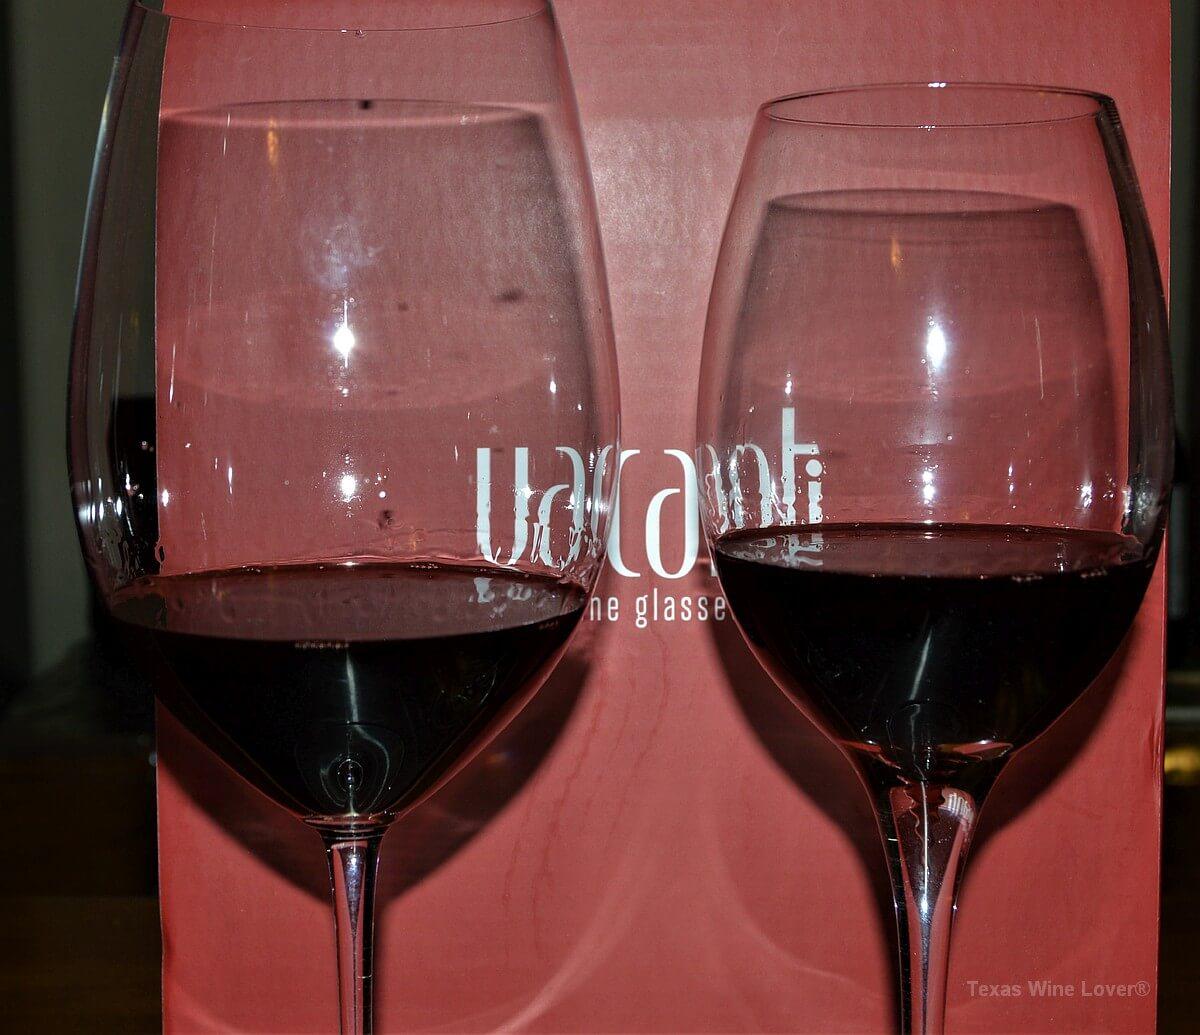 Riedel vs Vacanti wine glasses